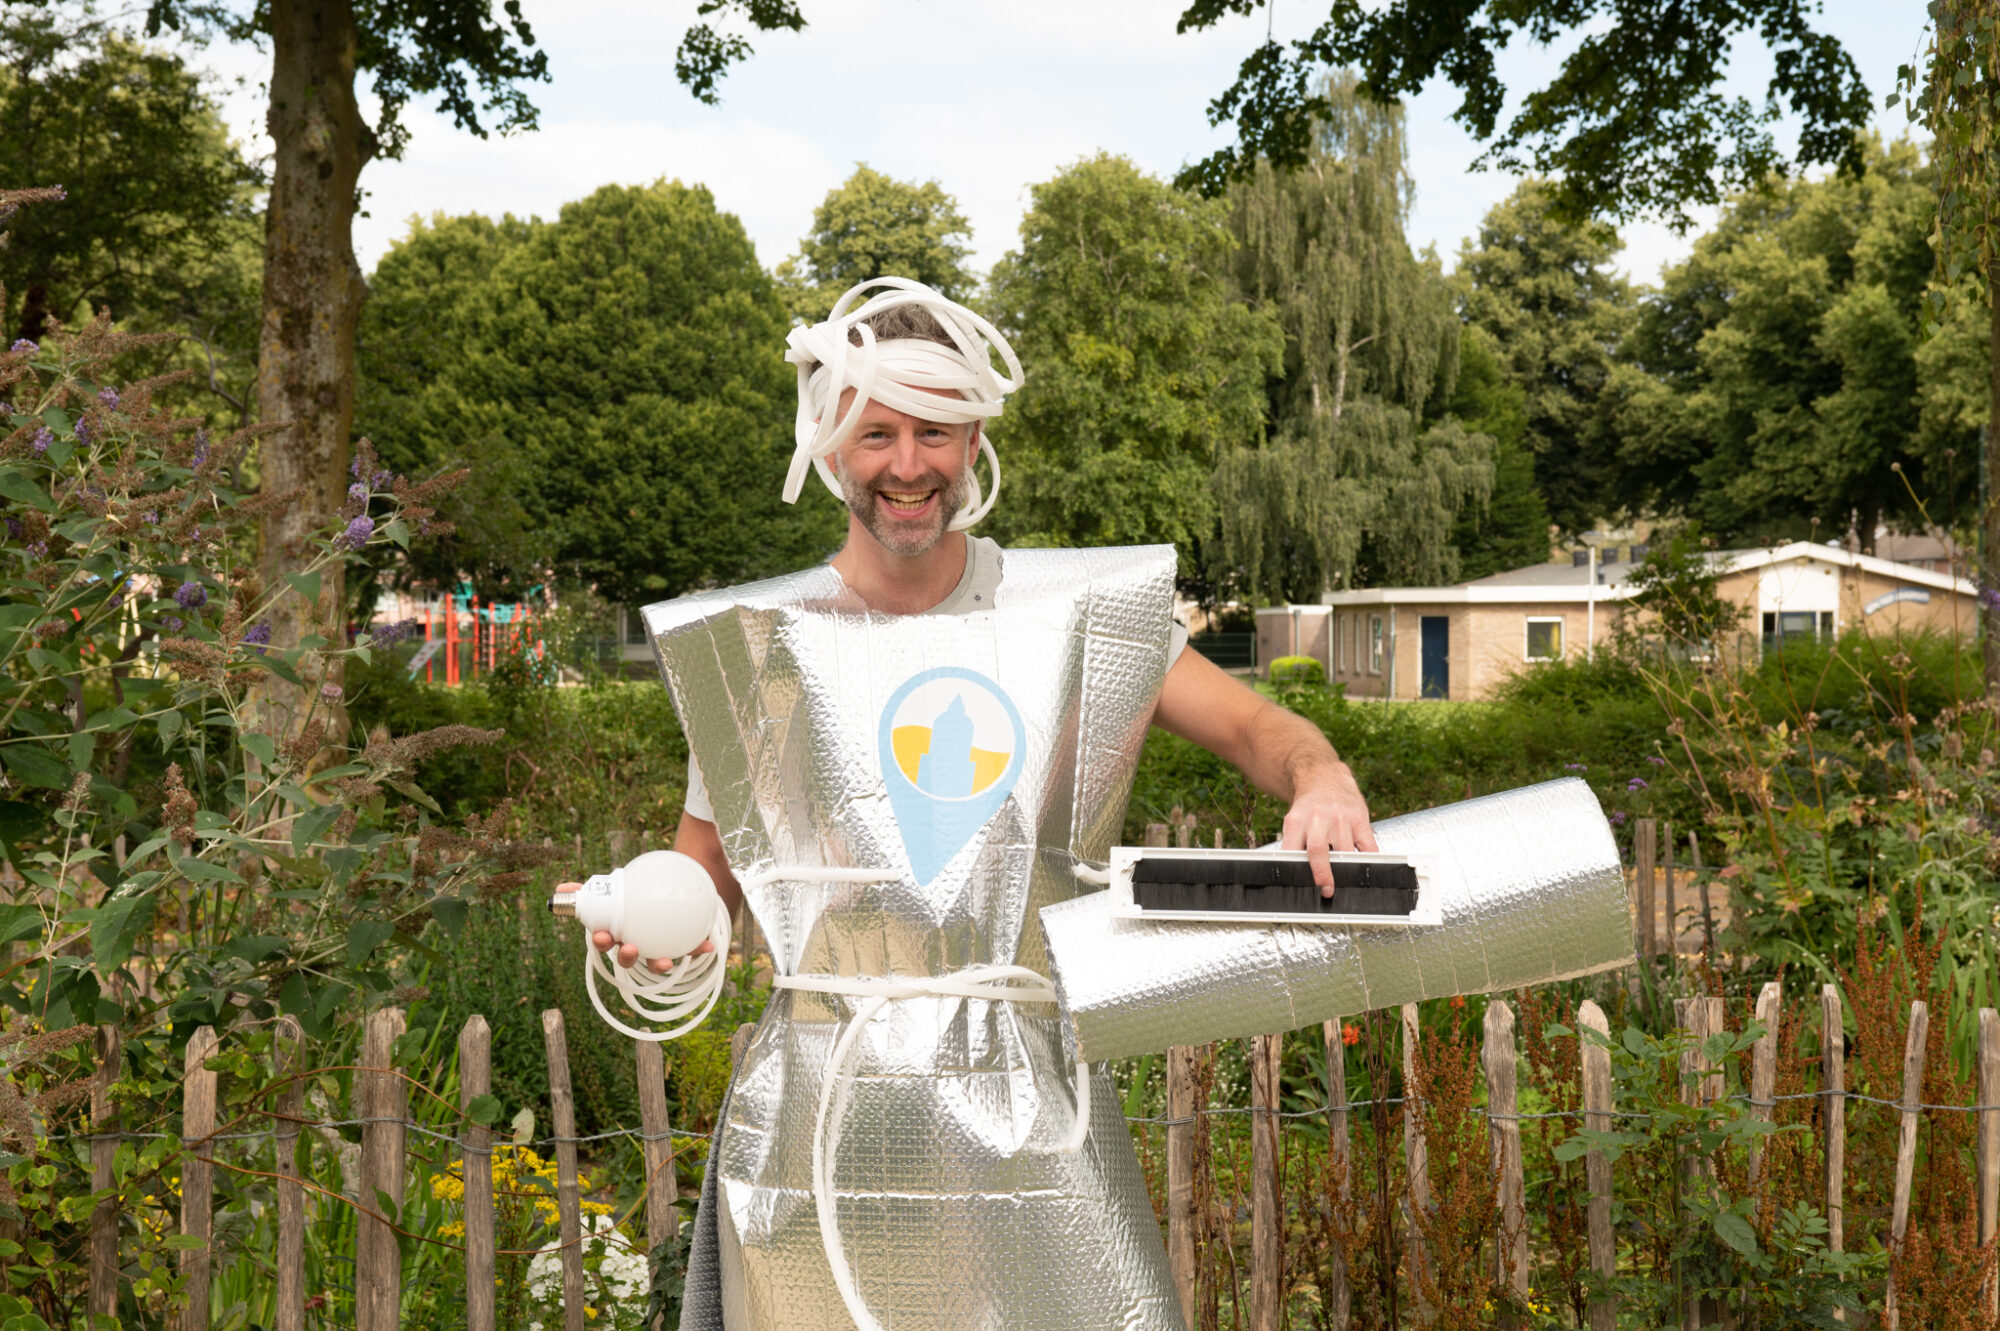 Bespaar je rijk: vijftig euro gratis energiebesparing voor huurders in Deventer